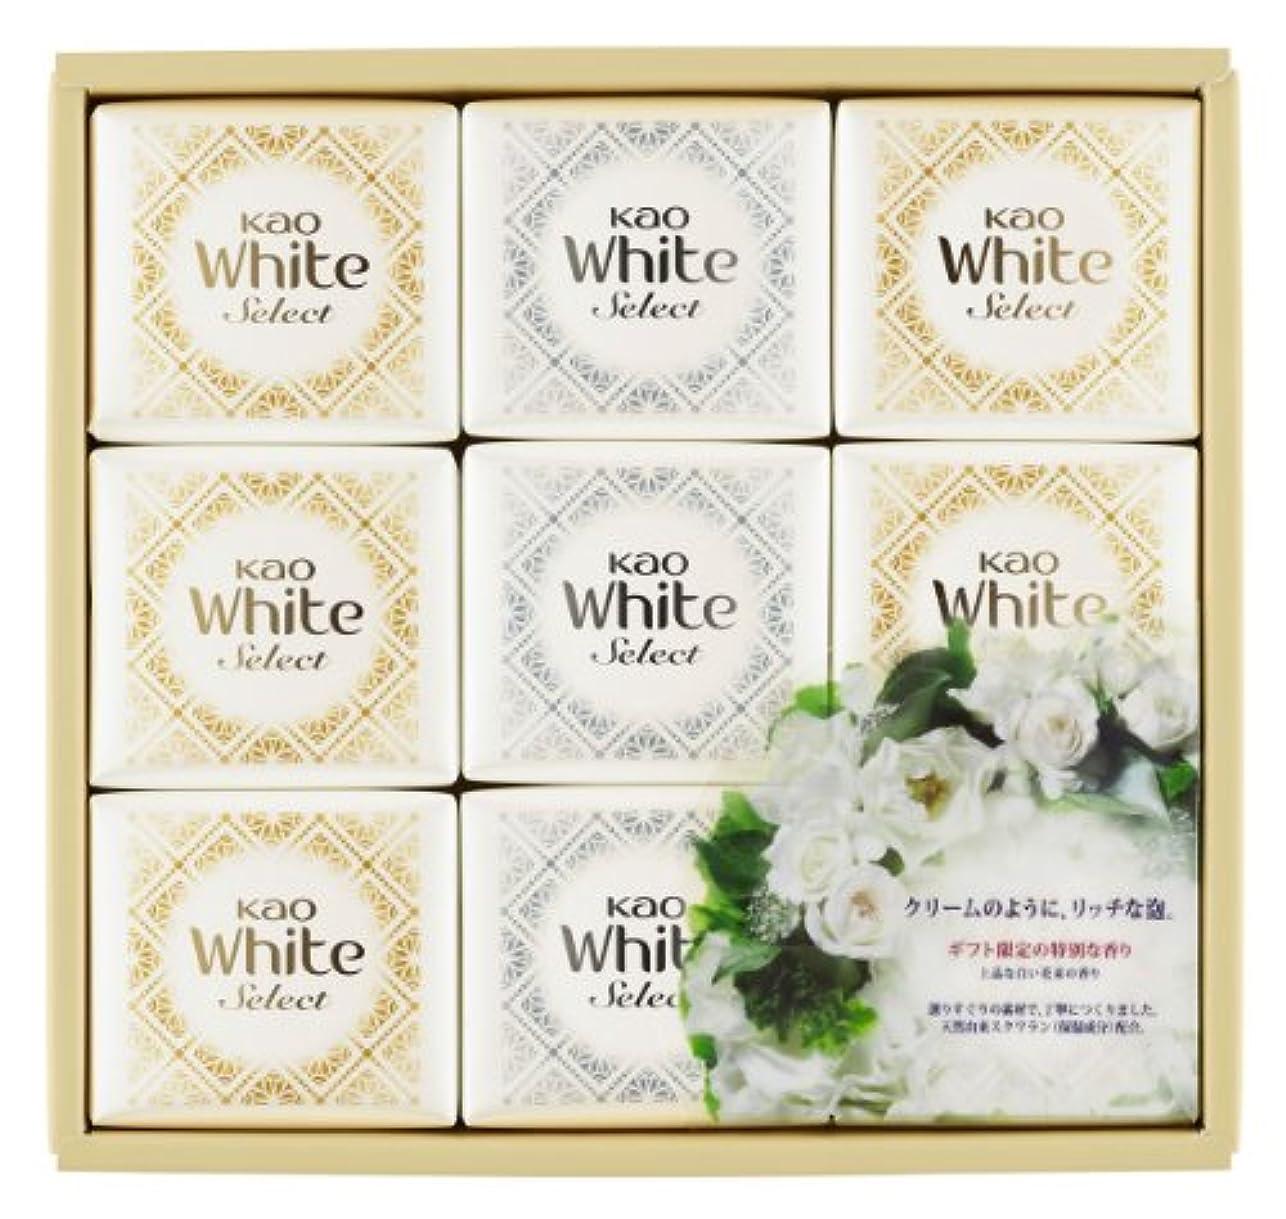 コンプライアンスがっかりするエンジニア花王ホワイト セレクト 上品な白い花束の香り 85g 9コ K?WS-15